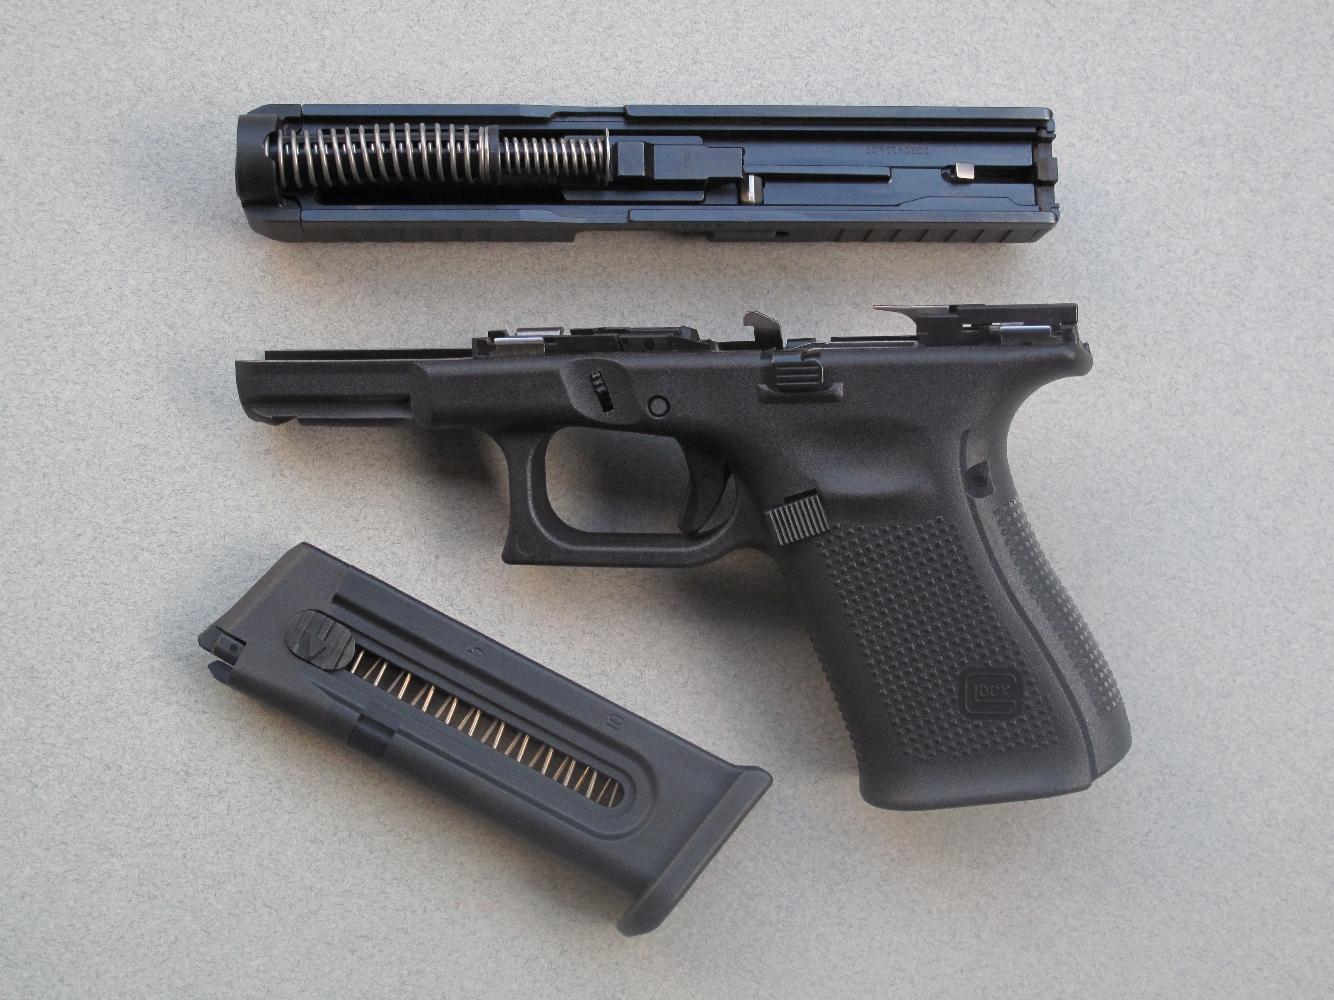 Le démontage s'effectue de façon instantanée, après avoir retiré le chargeur et désarmé le mécanisme en pressant la détente, à l'instar de tous les pistolets Glock à percussion centrale.